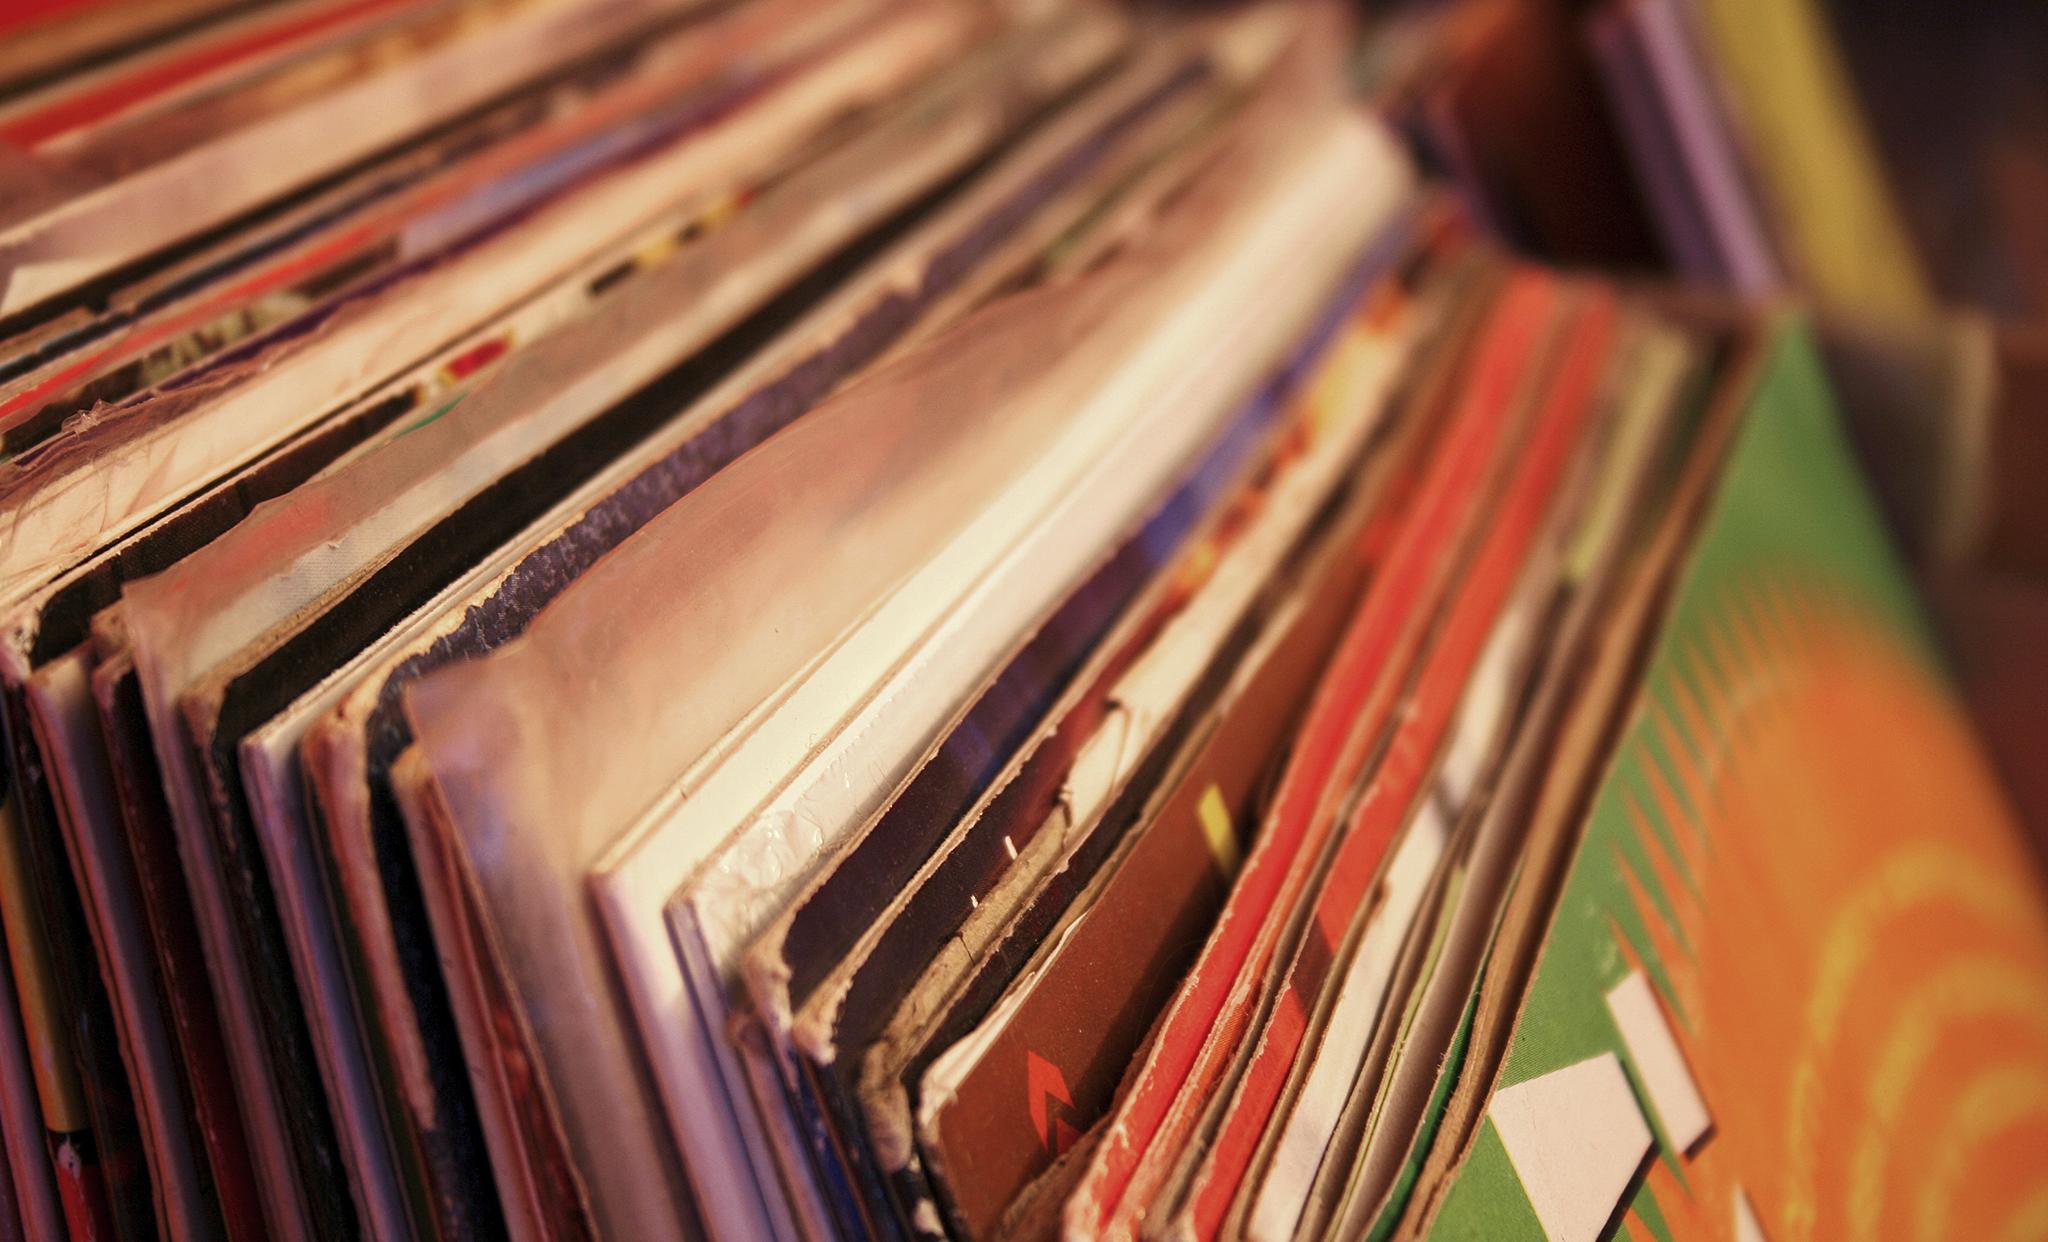 I migliori negozi di musica e dischi a Bologna